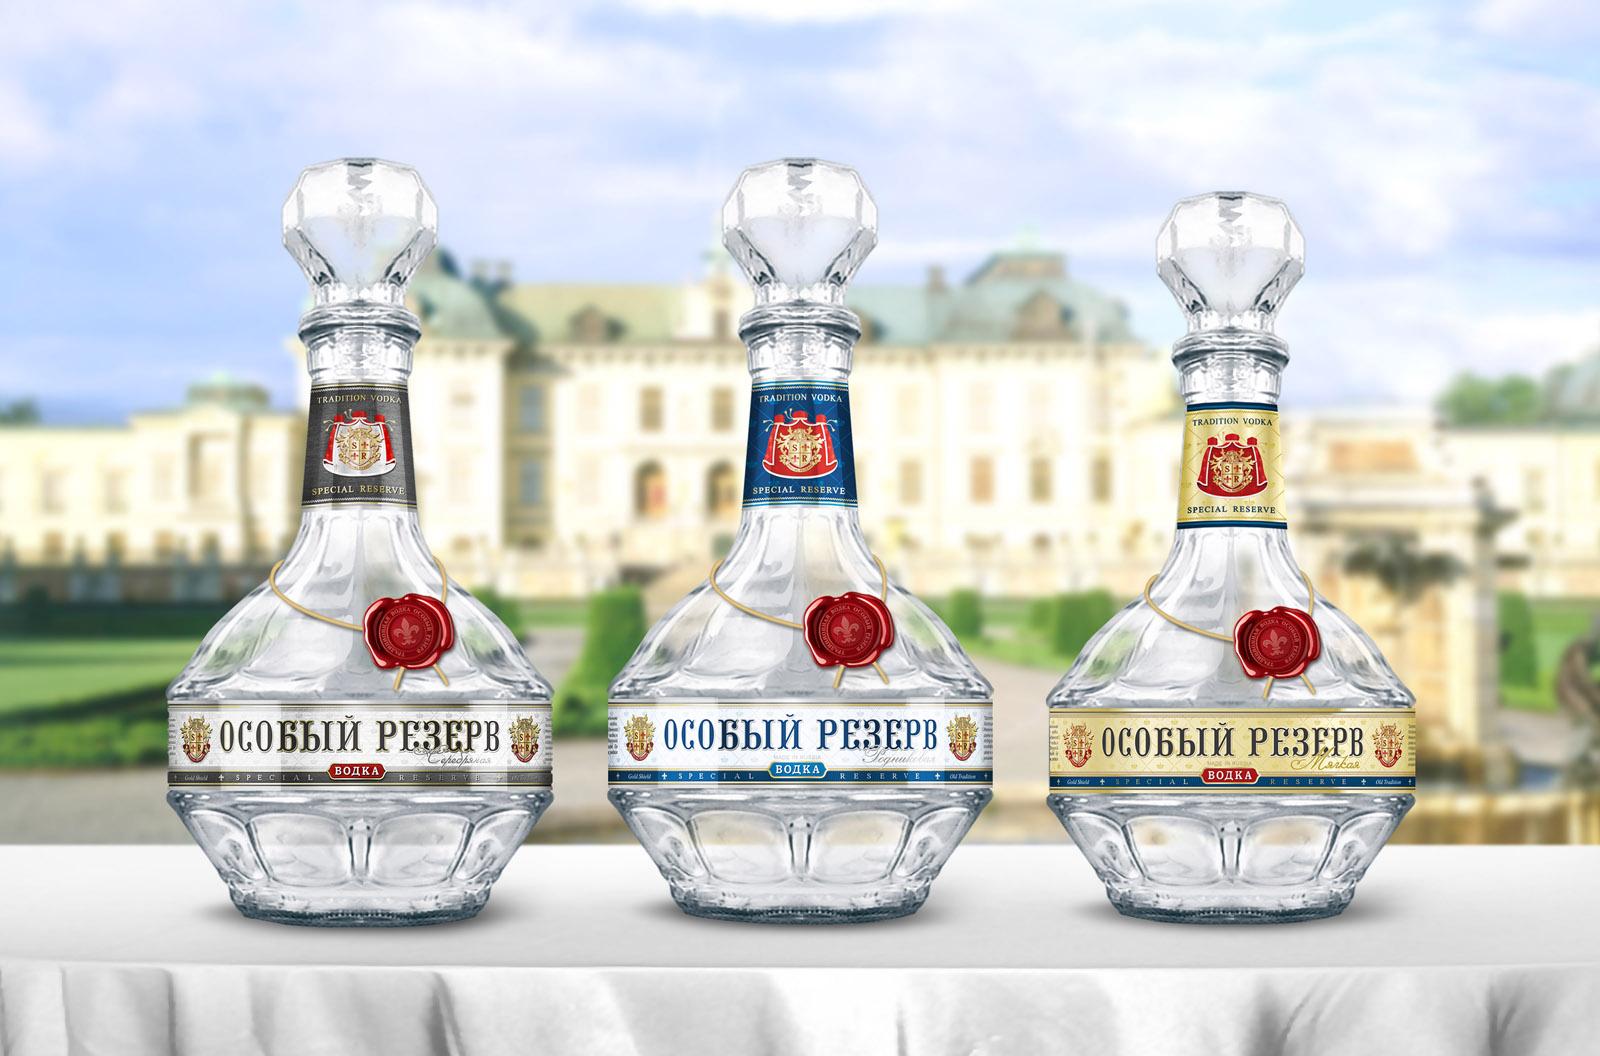 Разработка дизайна водки Особый резерв. Этикетки и бутылки